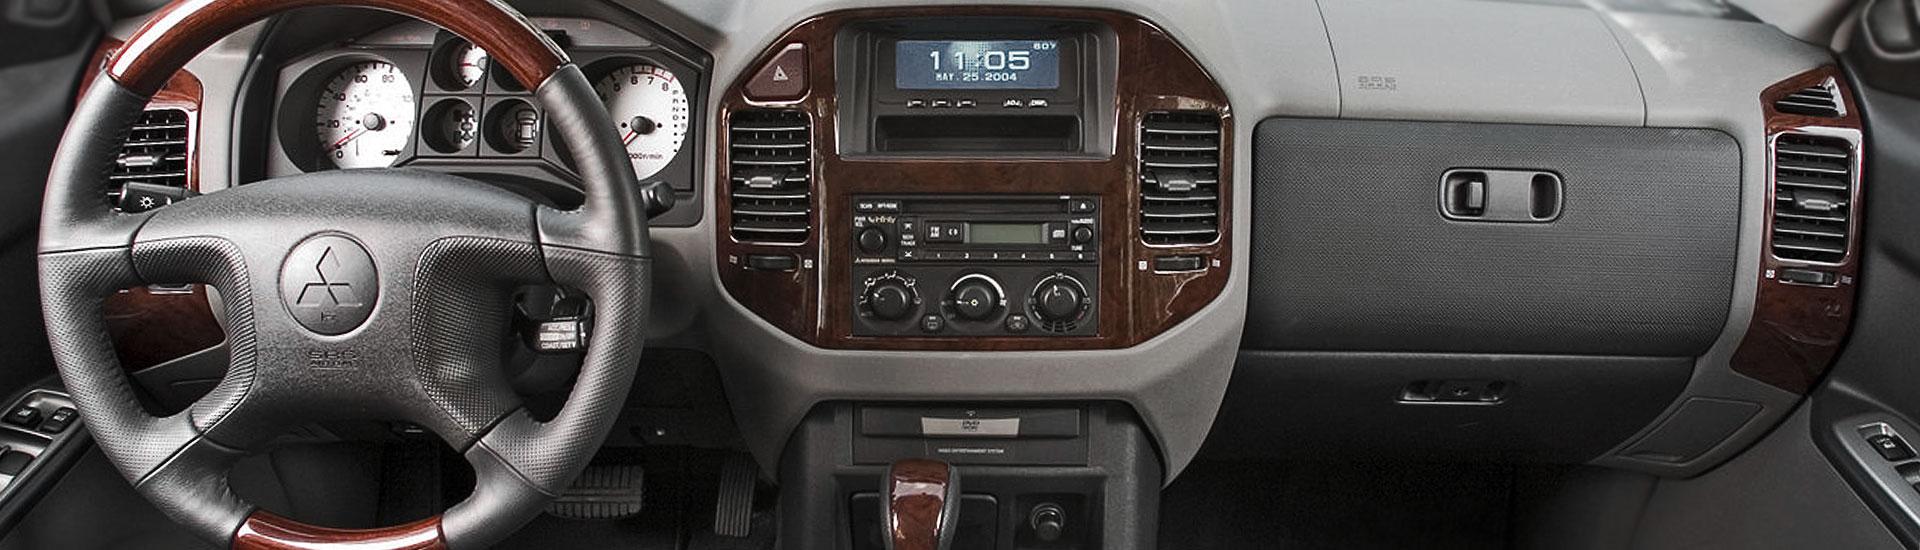 Mitsubishi montero custom dash kits